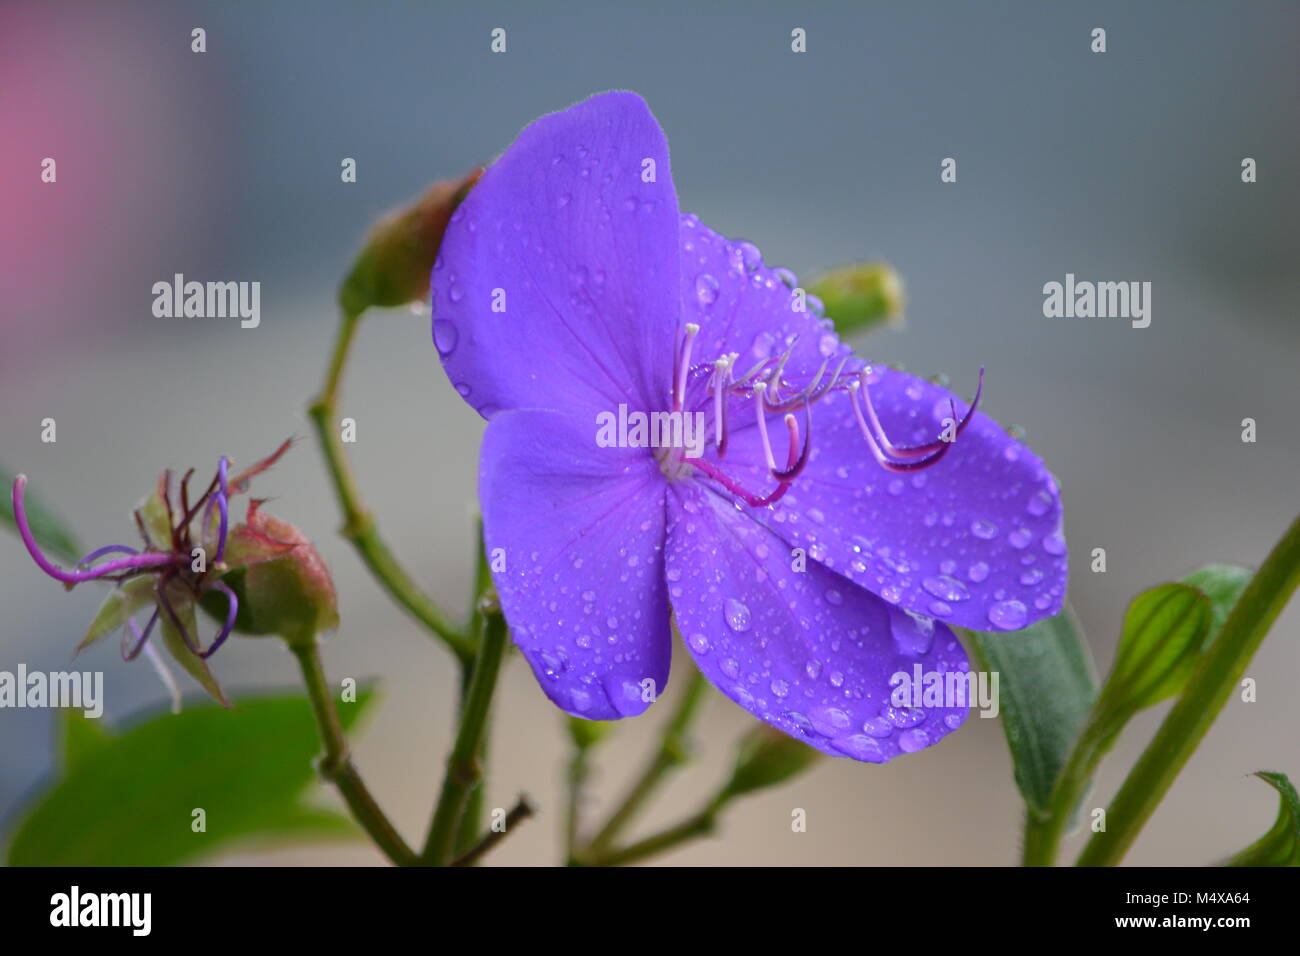 Close up of Tibouchina Alstonville, stunning purple flower, Australia Stock Photo